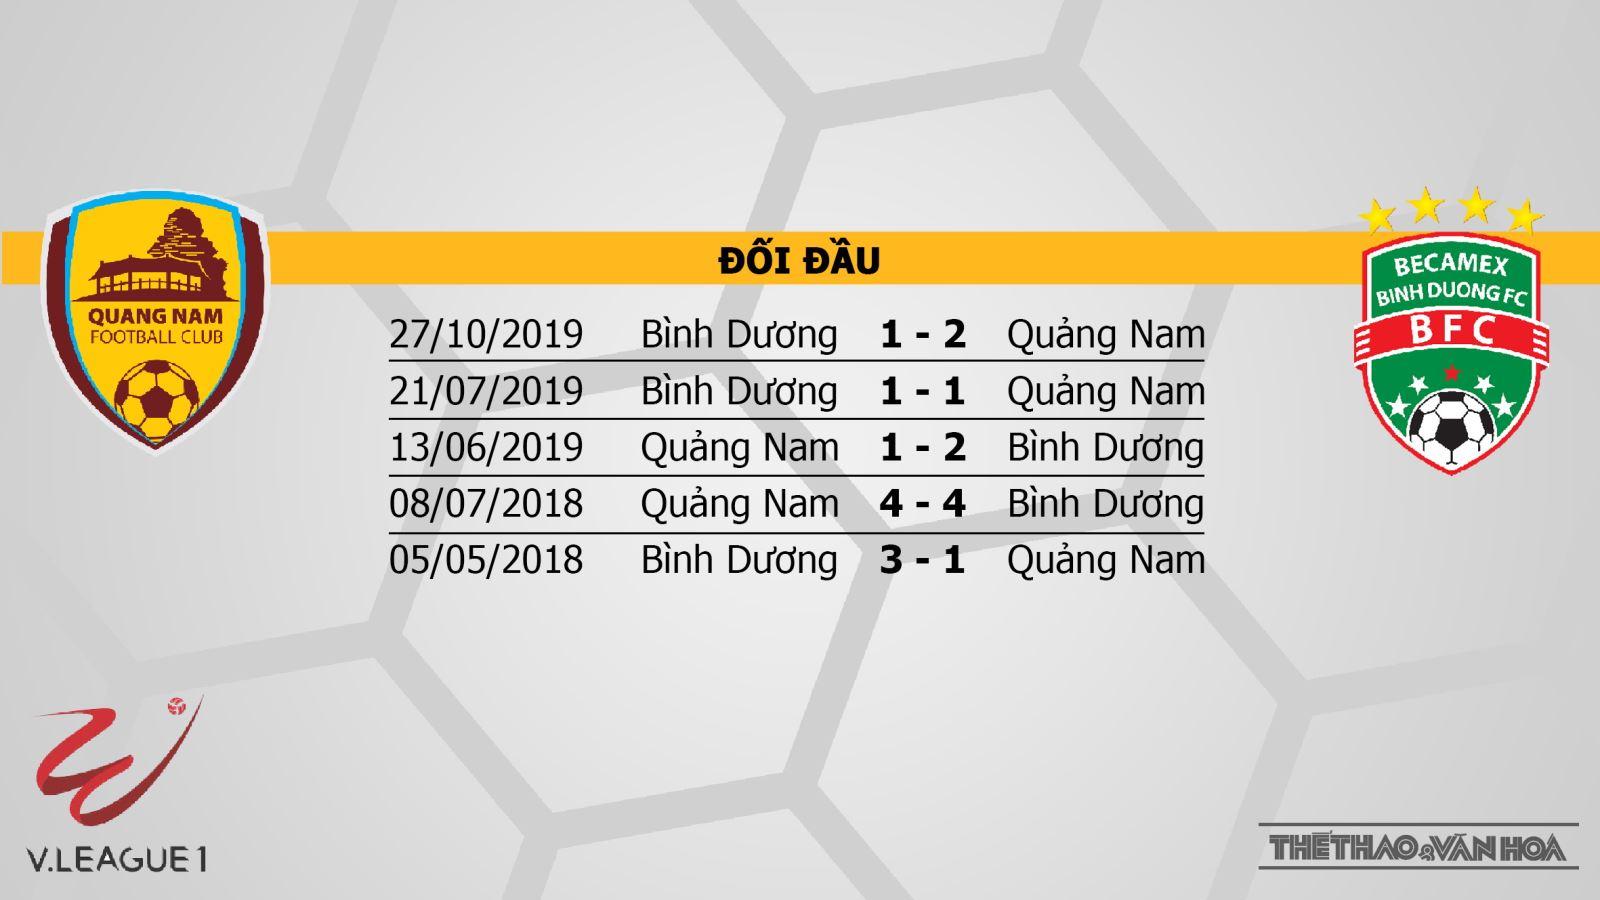 Quảng Nam vsBecamex Bình Dương, Quảng Nam, Bình Dương, soi kèo bóng đá, bóng đá, bong da, nhận định, dự đoán, trực tiếp bóng đá, kèo bóng đá